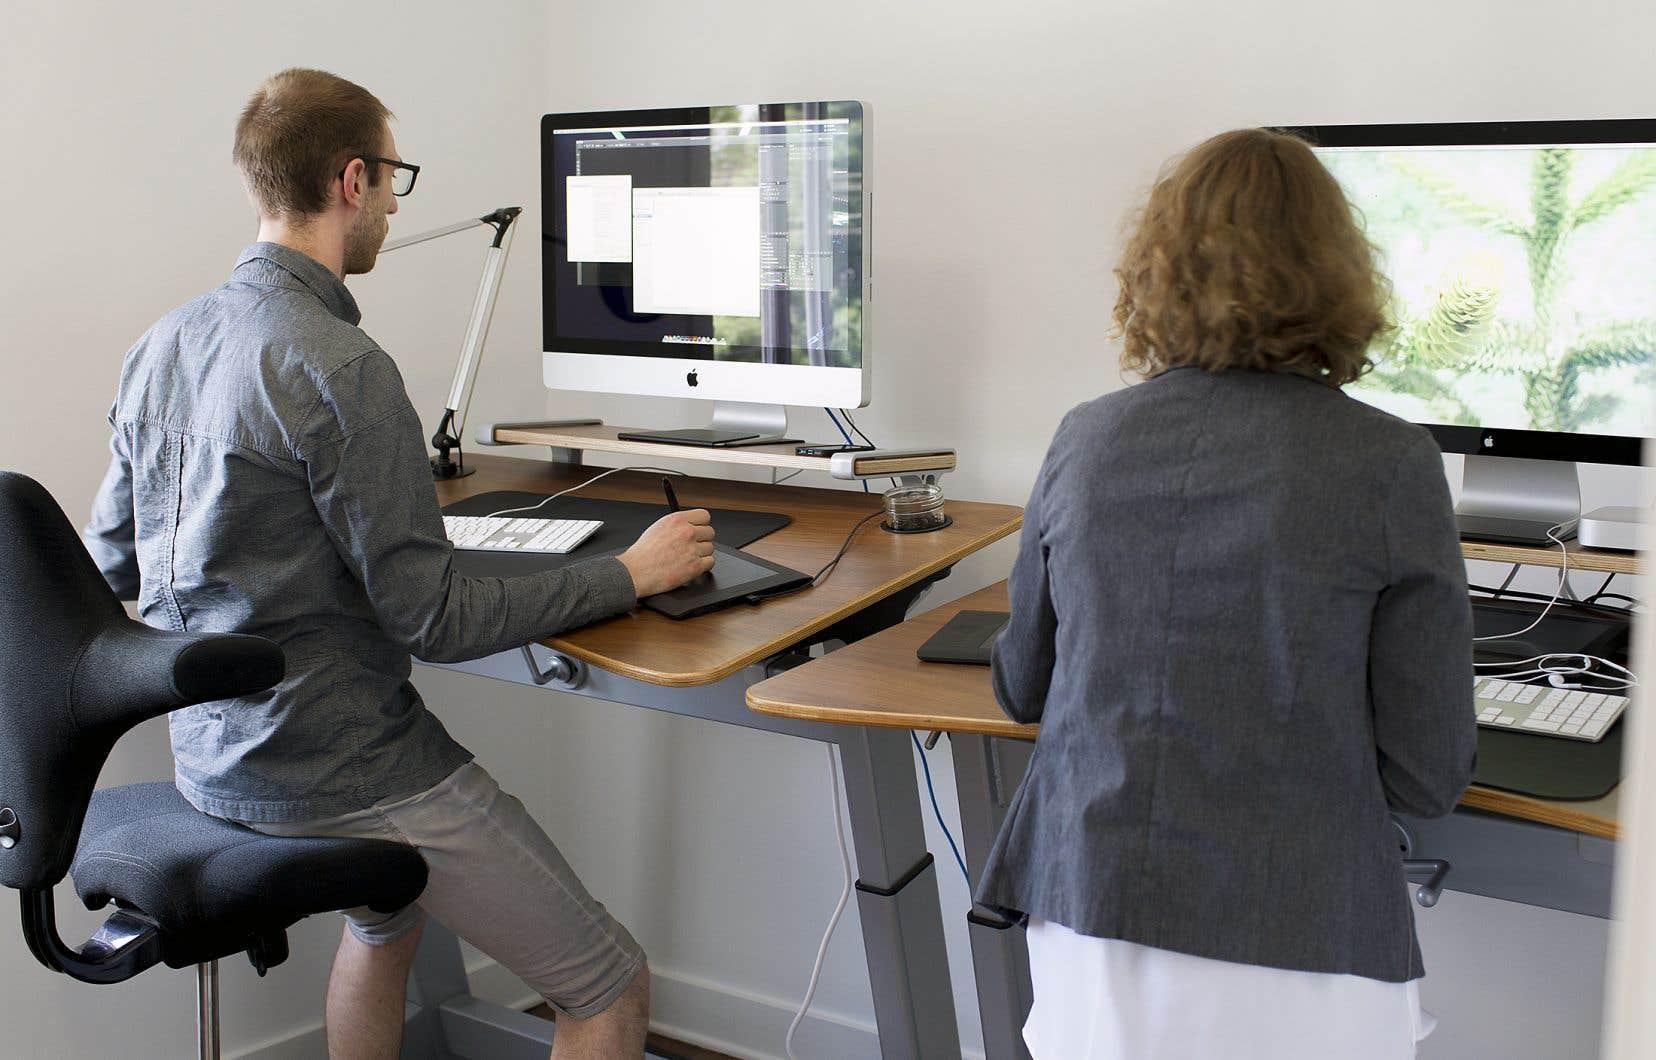 Certains milieux de travail misent sur la santé de leurs employés en offrant des postes de travail ajustables pour accomplir leur boulot en position debout ou encore en marchant sur des tapis roulants à très faible vitesse.